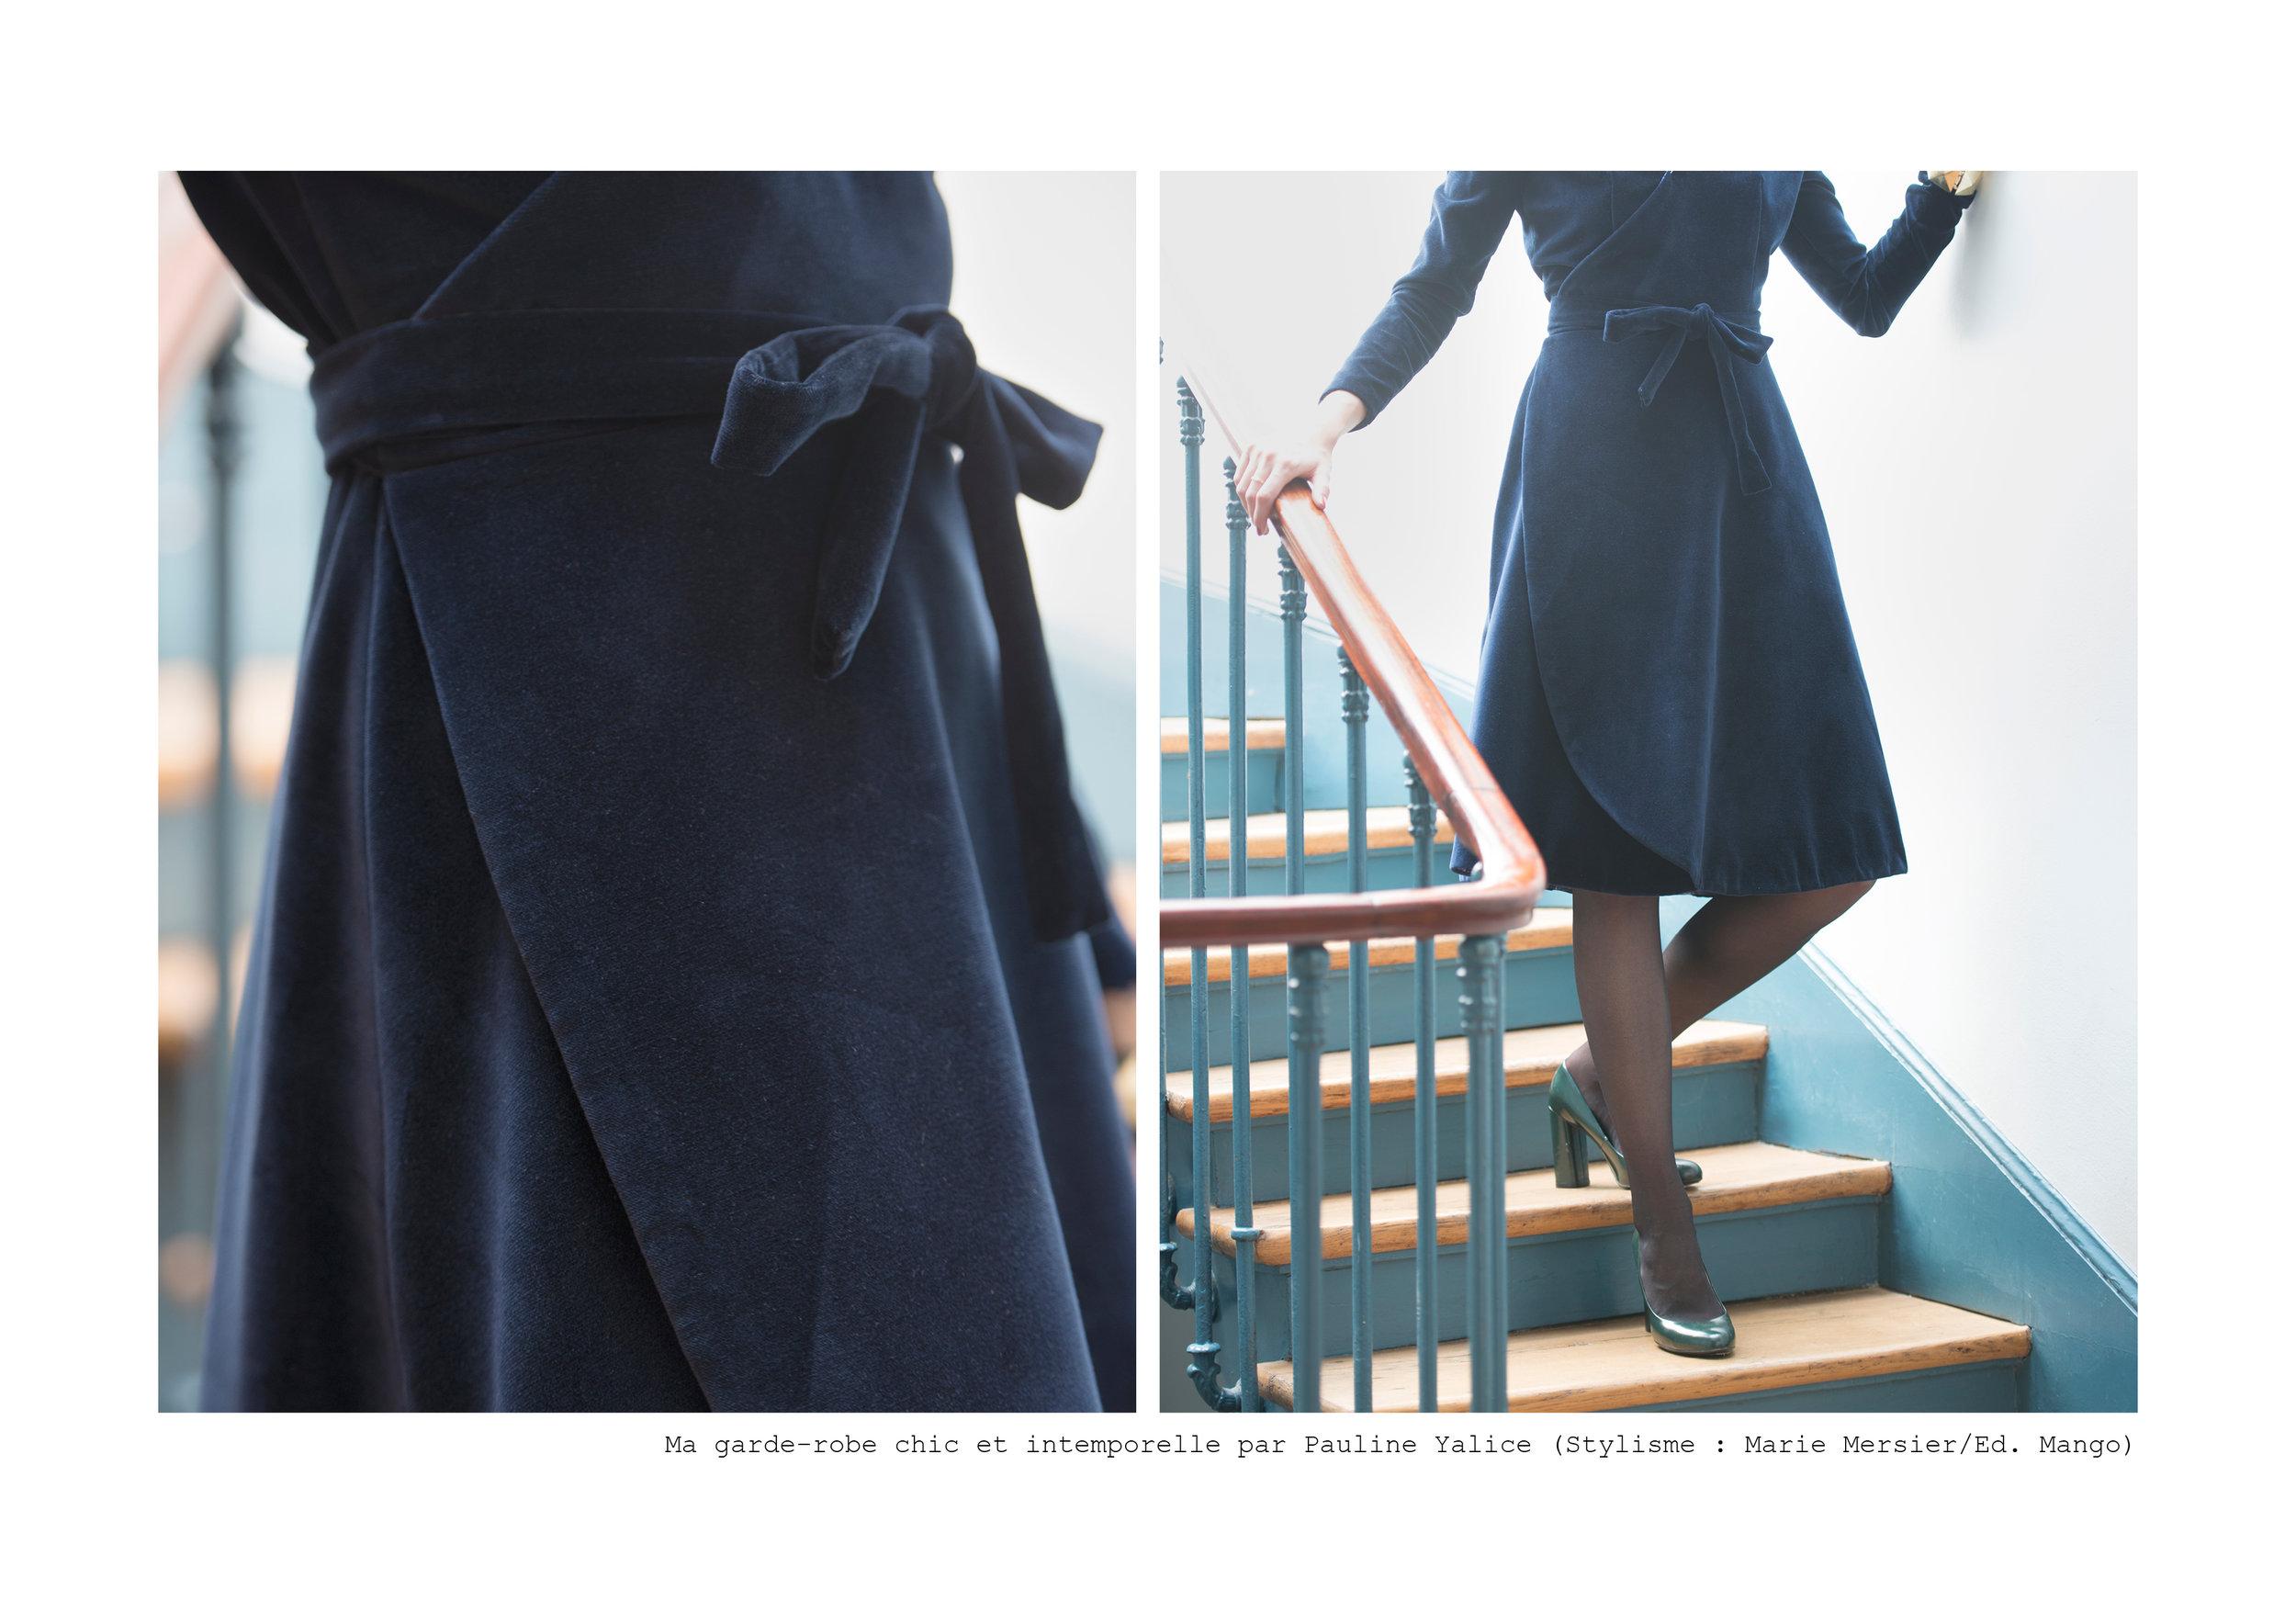 Ma garde-robe 1.jpg